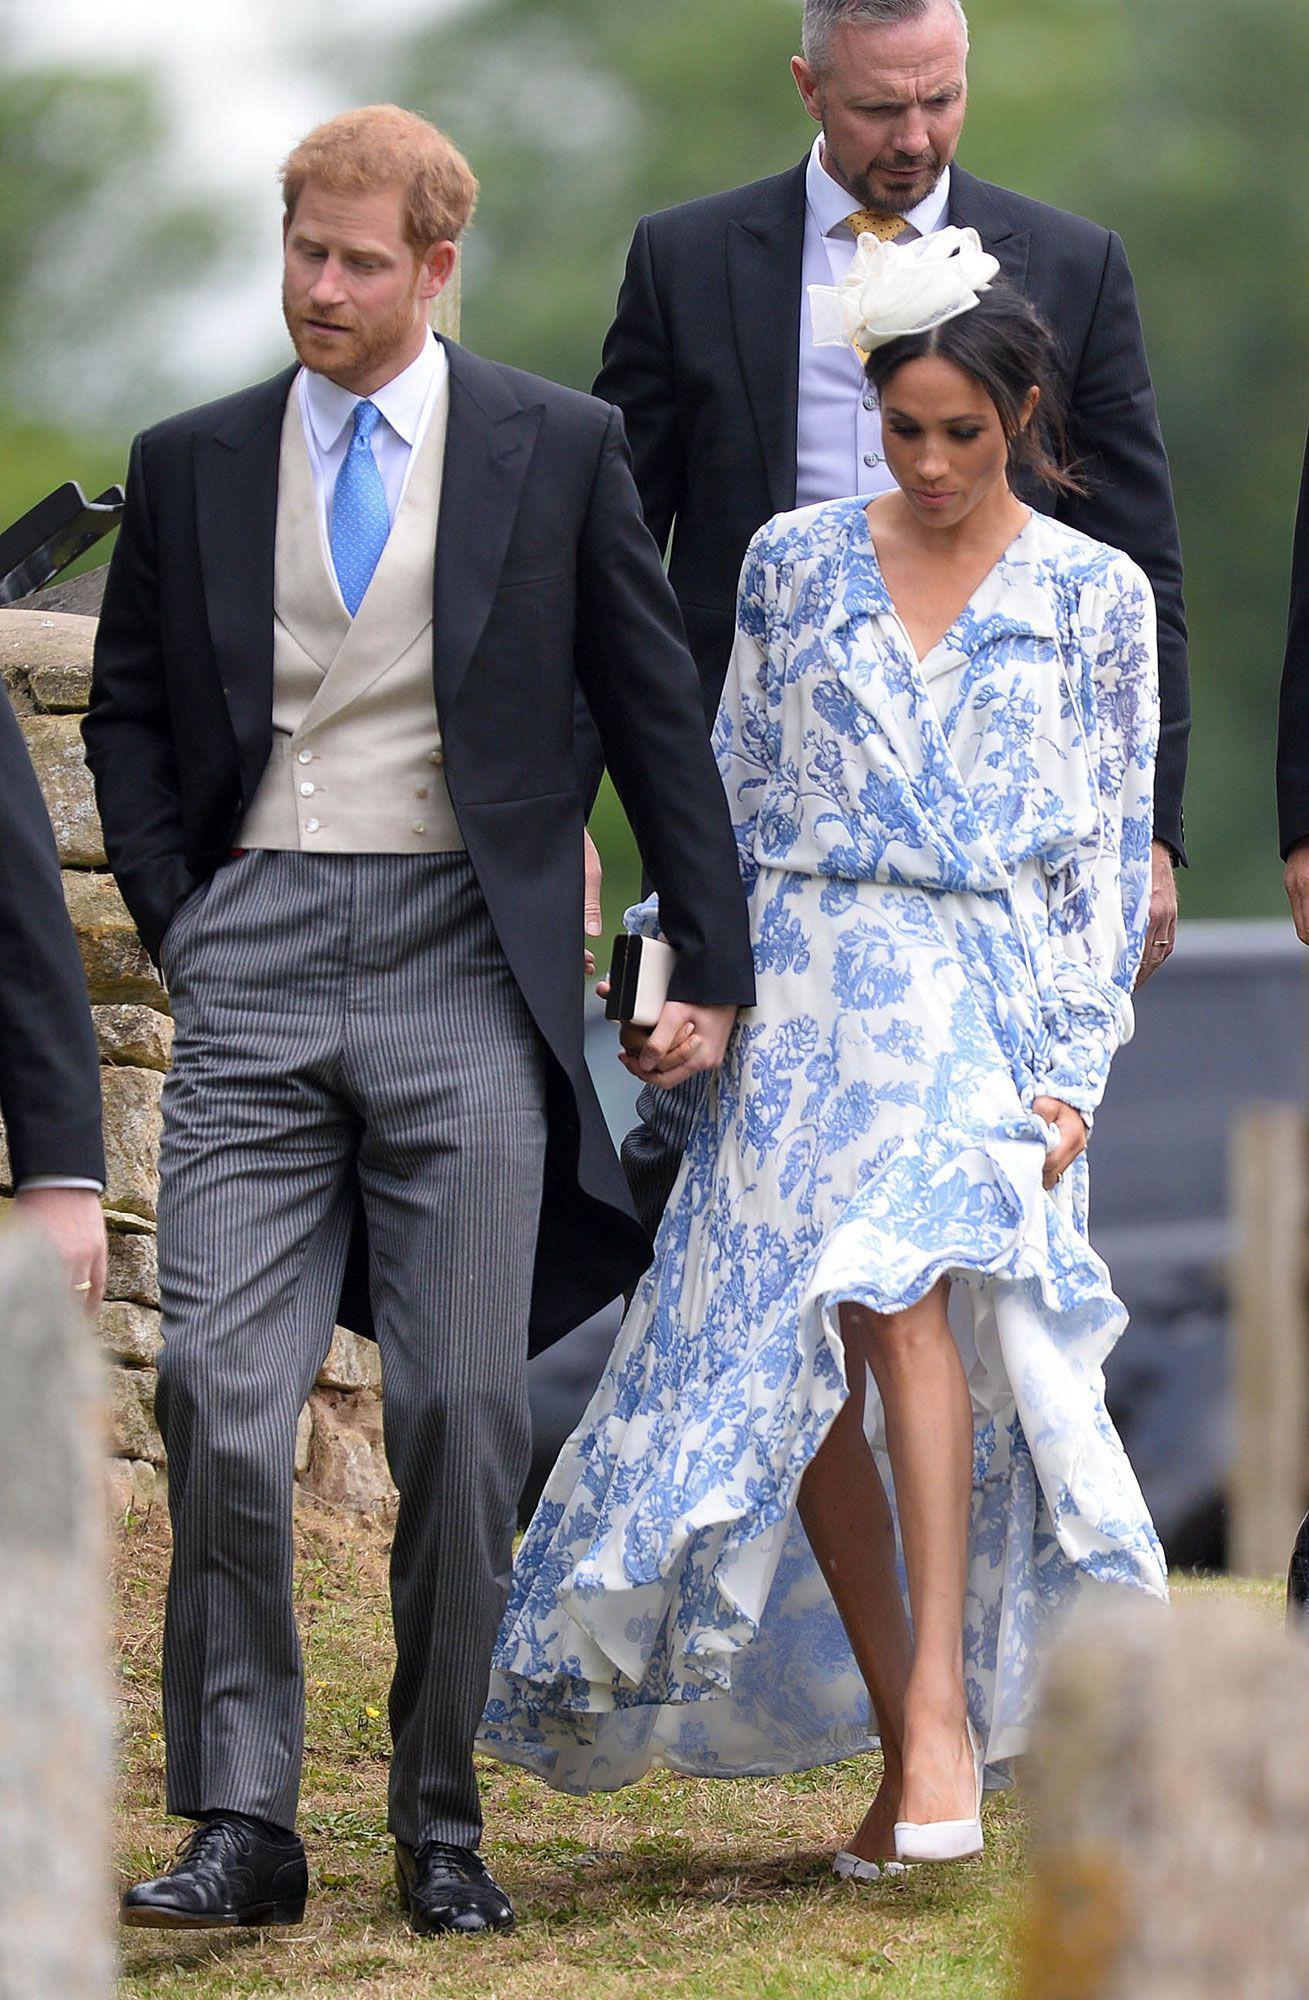 Mang cùng một kiểu họa tiết hoa nhưng chiếc váy của Công nương Meghan Markle lại đắt gấp đôi của Selena Gomez - Ảnh 3.